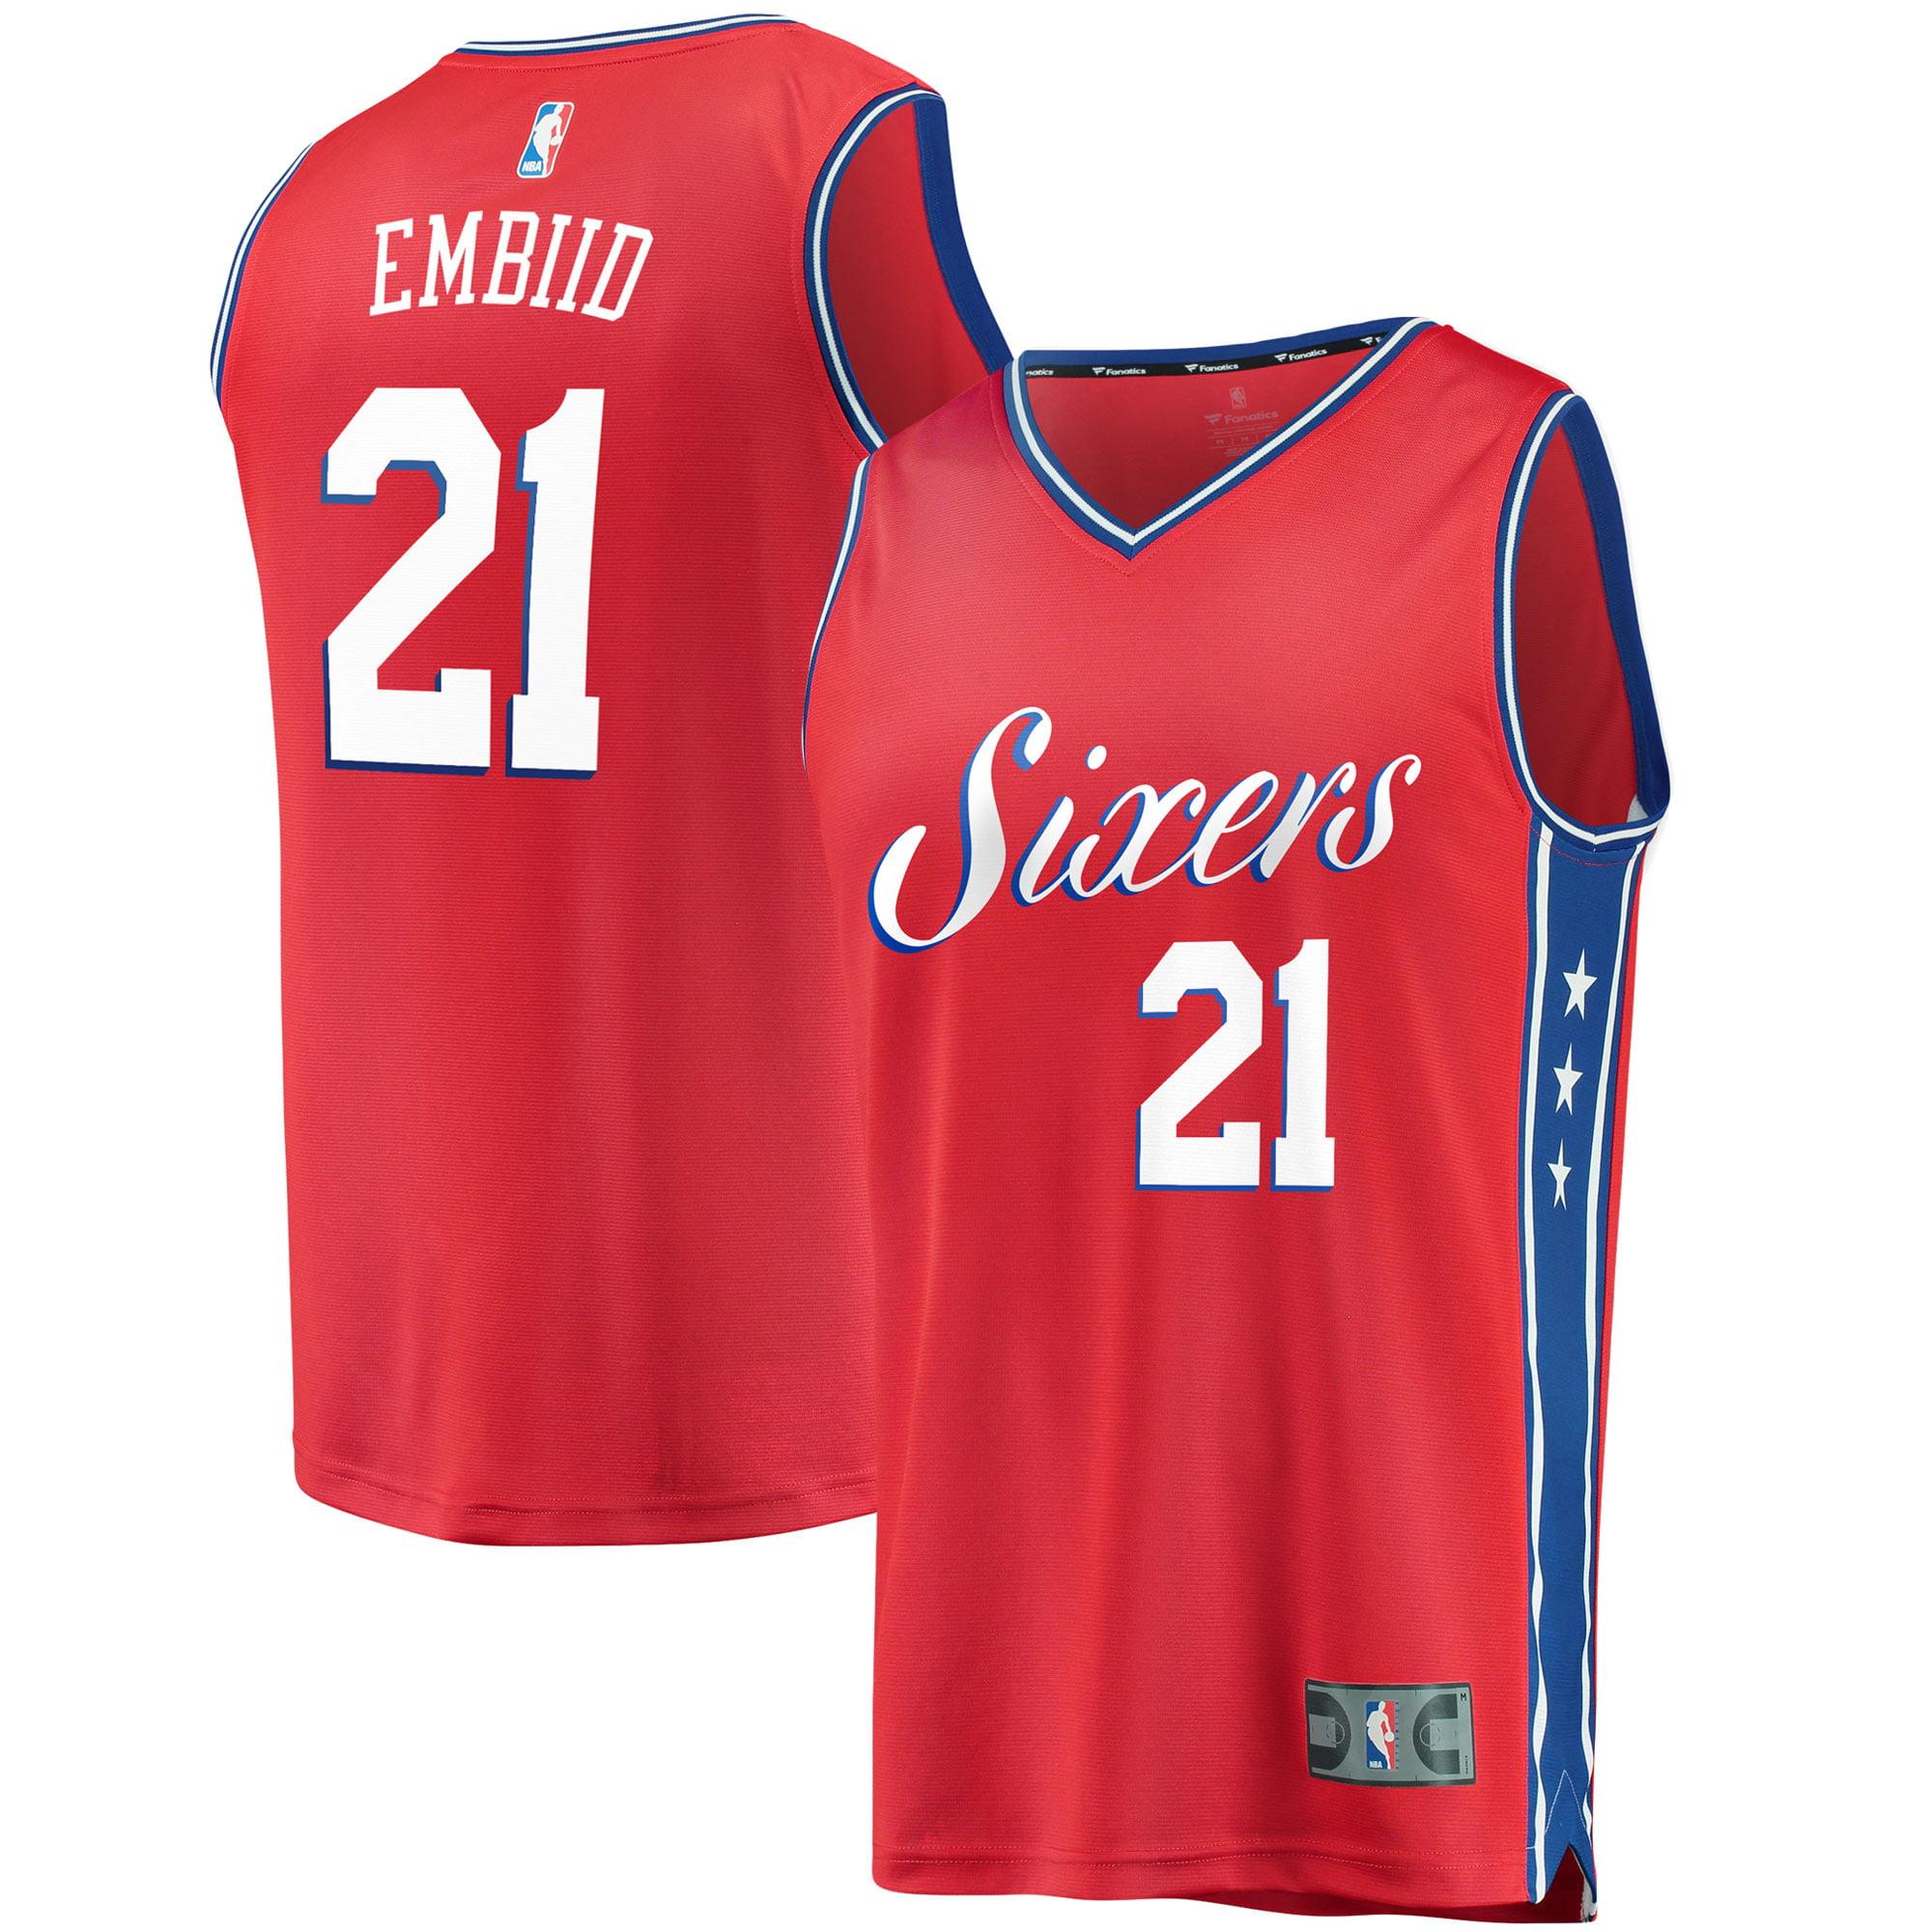 Joel Embiid Philadelphia 76ers Fanatics Branded Fast Break Replica Jersey Red - Statement Edition